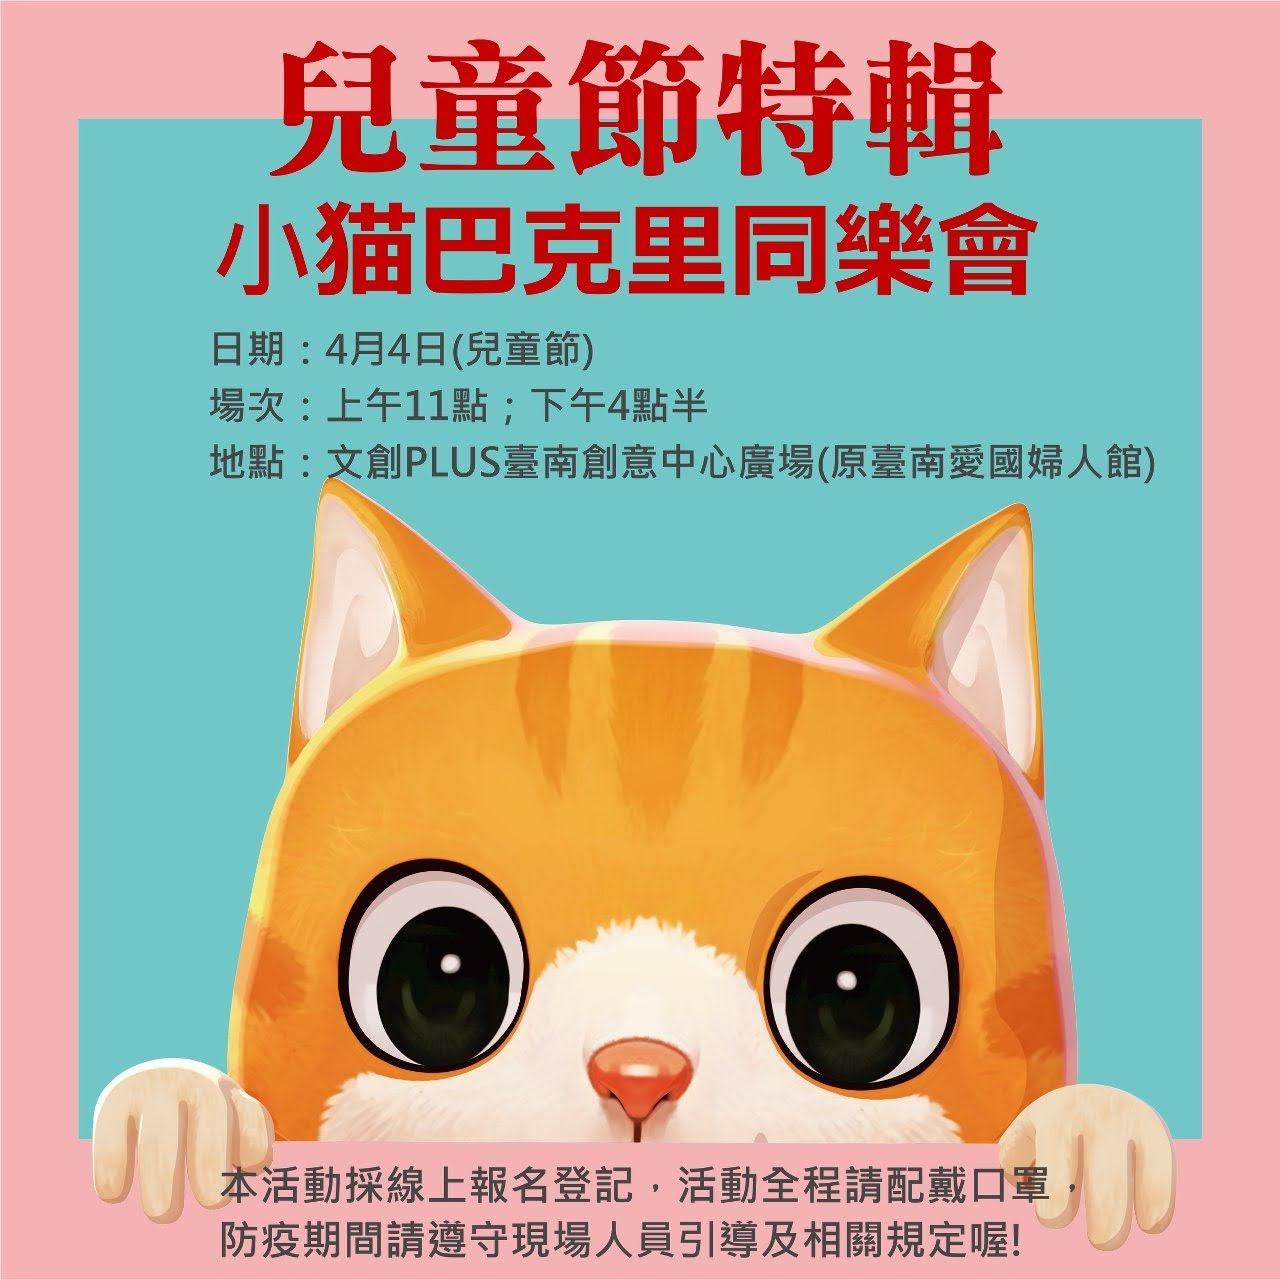 2021兒童清明連假台南旅遊攻略|踏青×賞花×看展、輕旅行懶人包|特輯